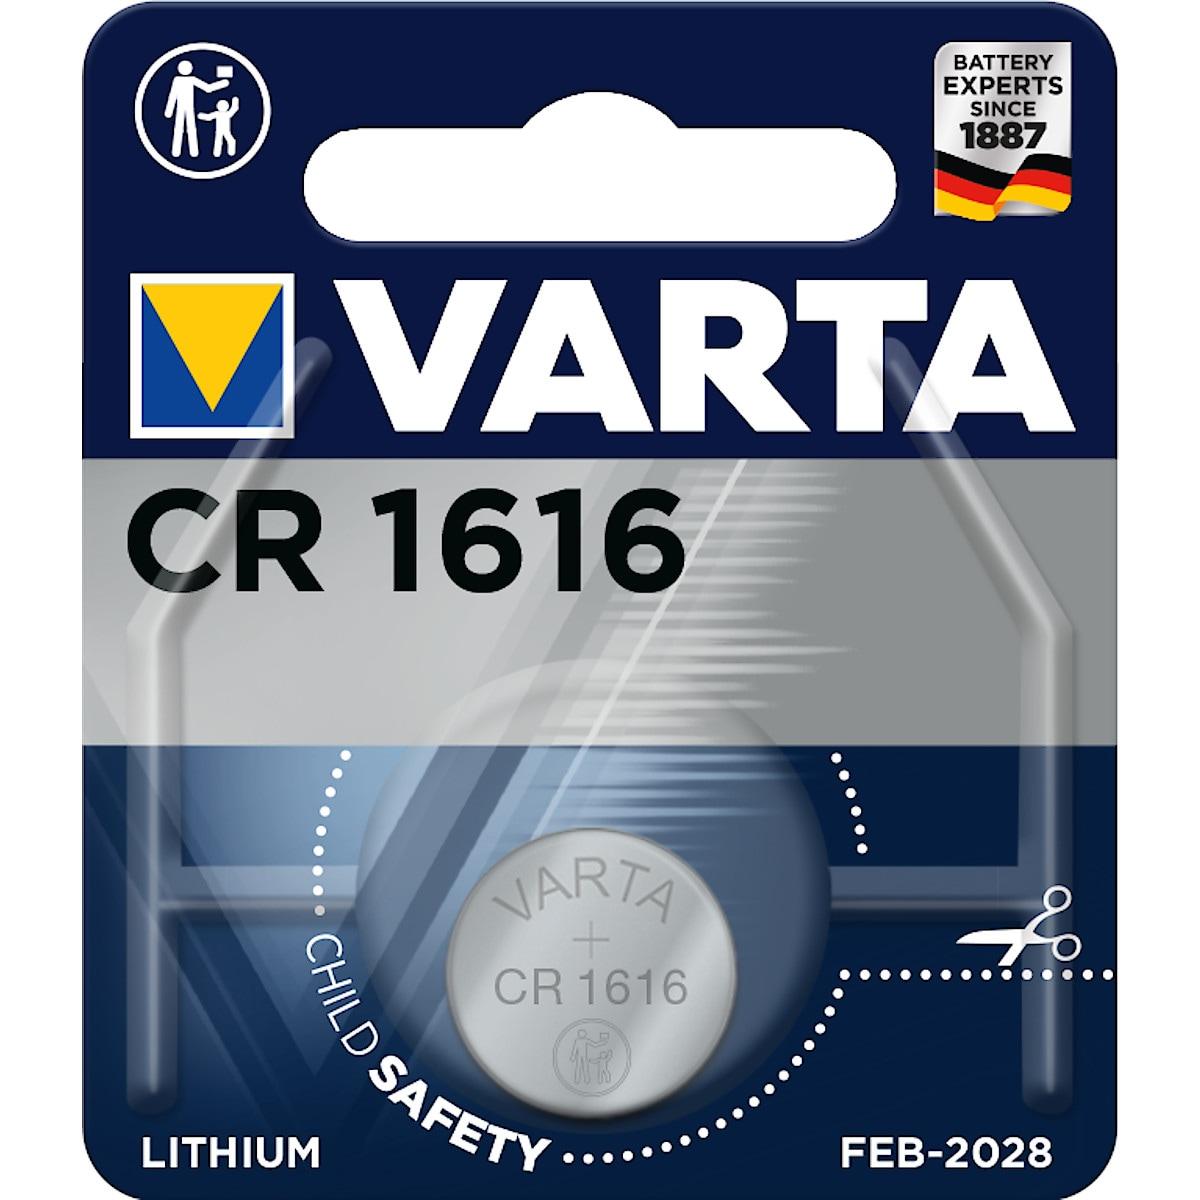 Litiumbatteri CR1616 VARTA